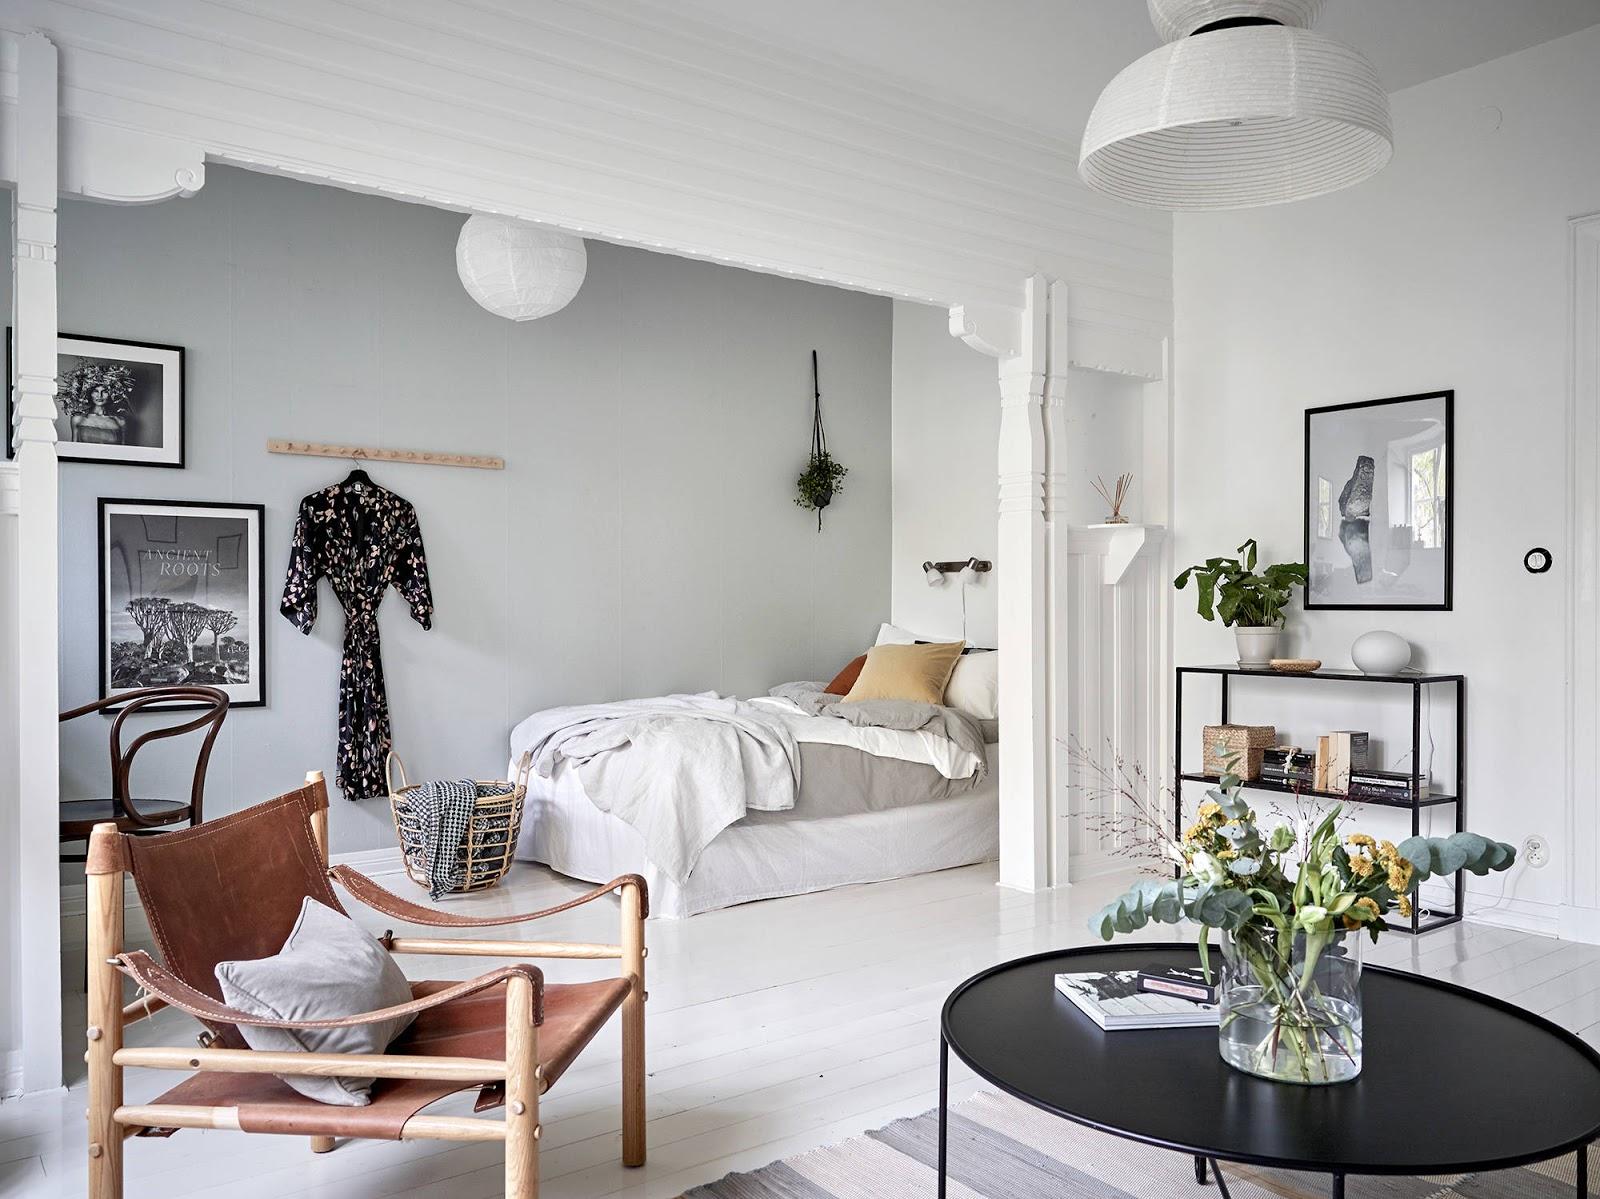 Amenajare feminină într-un apartament de 43 m² cu dormitor deschis către living